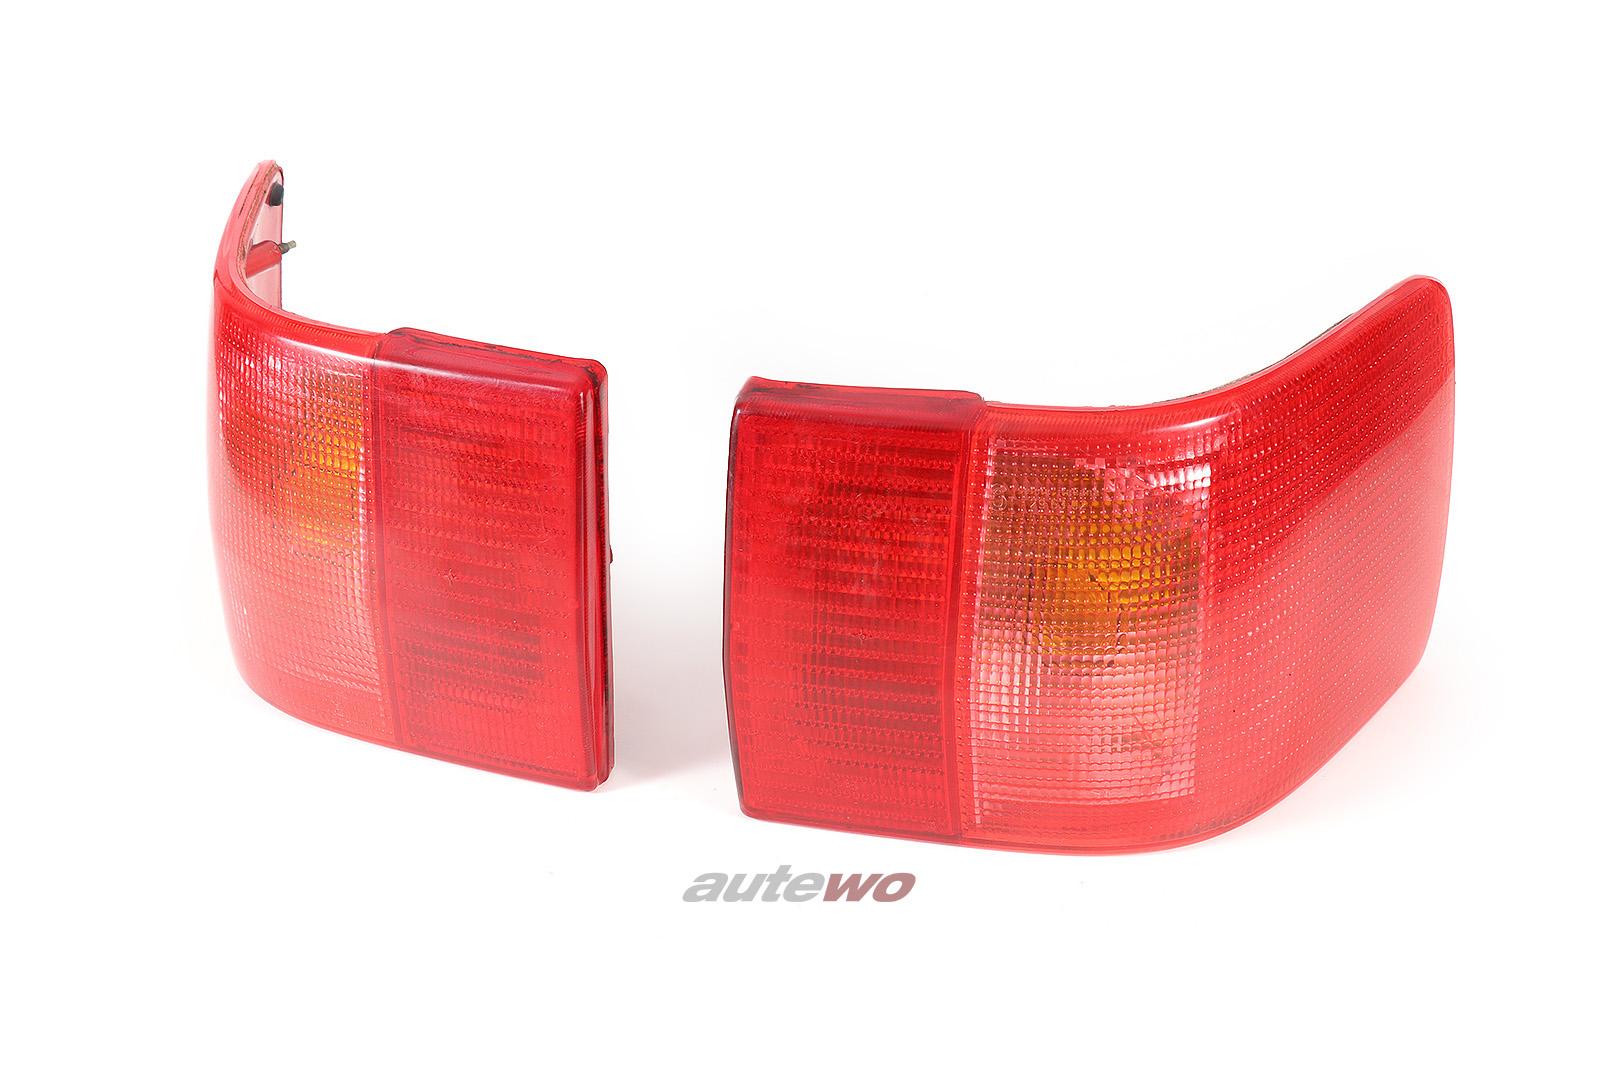 8A9945095/8A9945096 Audi 80/90 Typ 89/B4 Avant S2/RS2 Blinker Paar rot